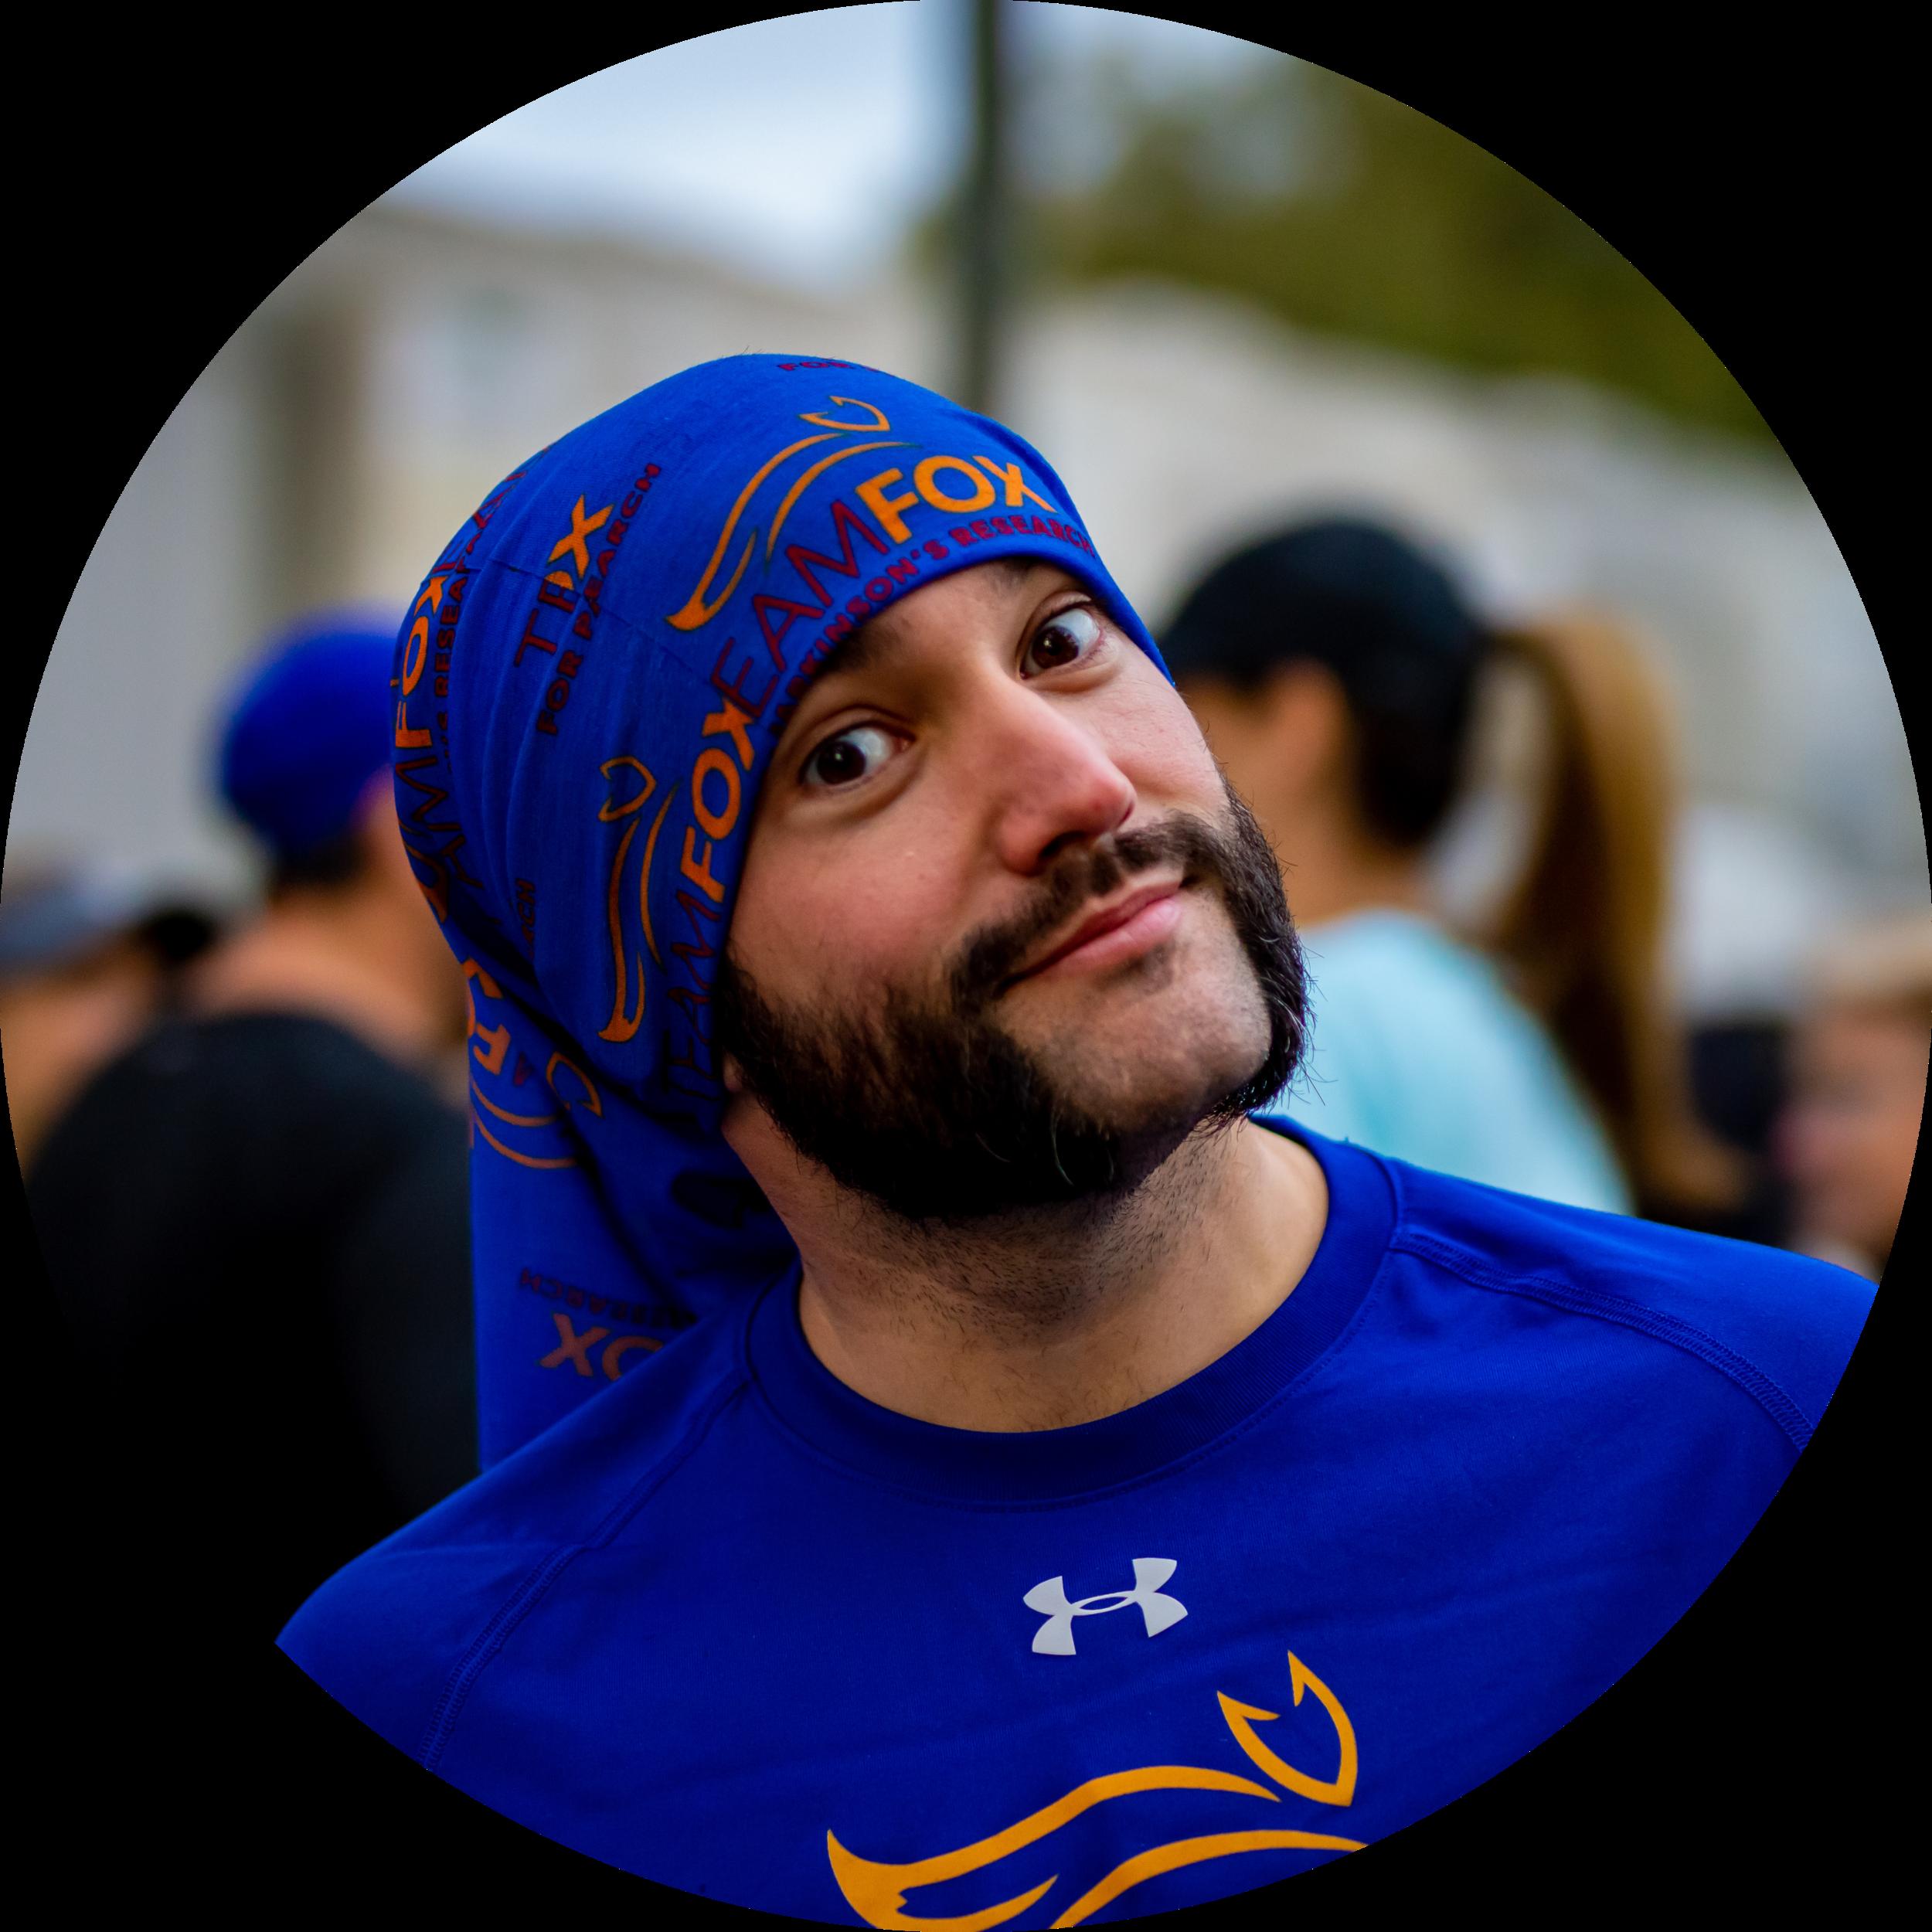 Chuck Kistler (Marathon Time 4:40 to 3:50 PR)